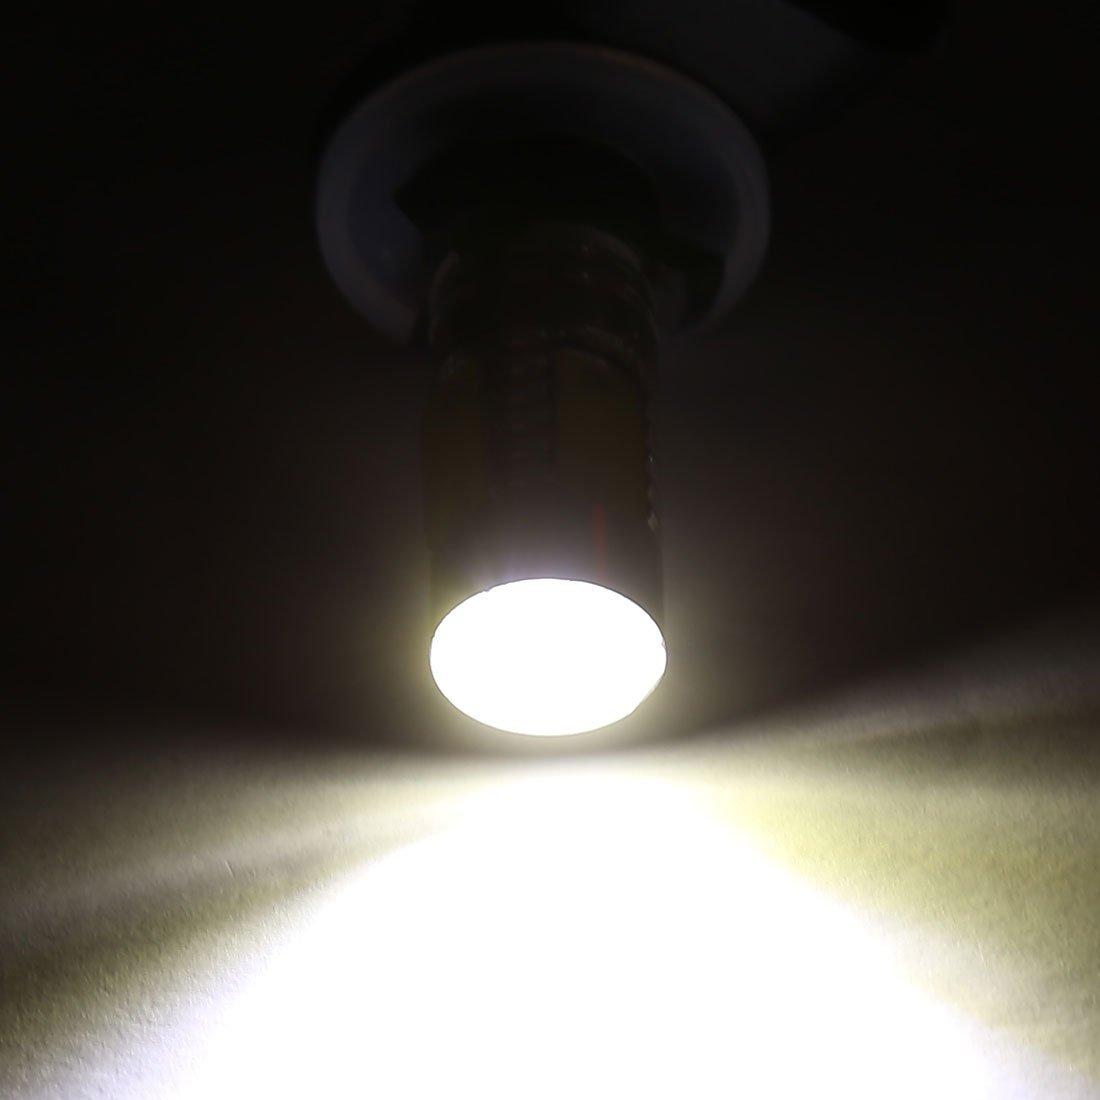 Amazon.com: eDealMax 7.5W Blanco del coche de la lente del proyector 5 COB LED Bombillas Faros de Niebla 881 862 894: Automotive